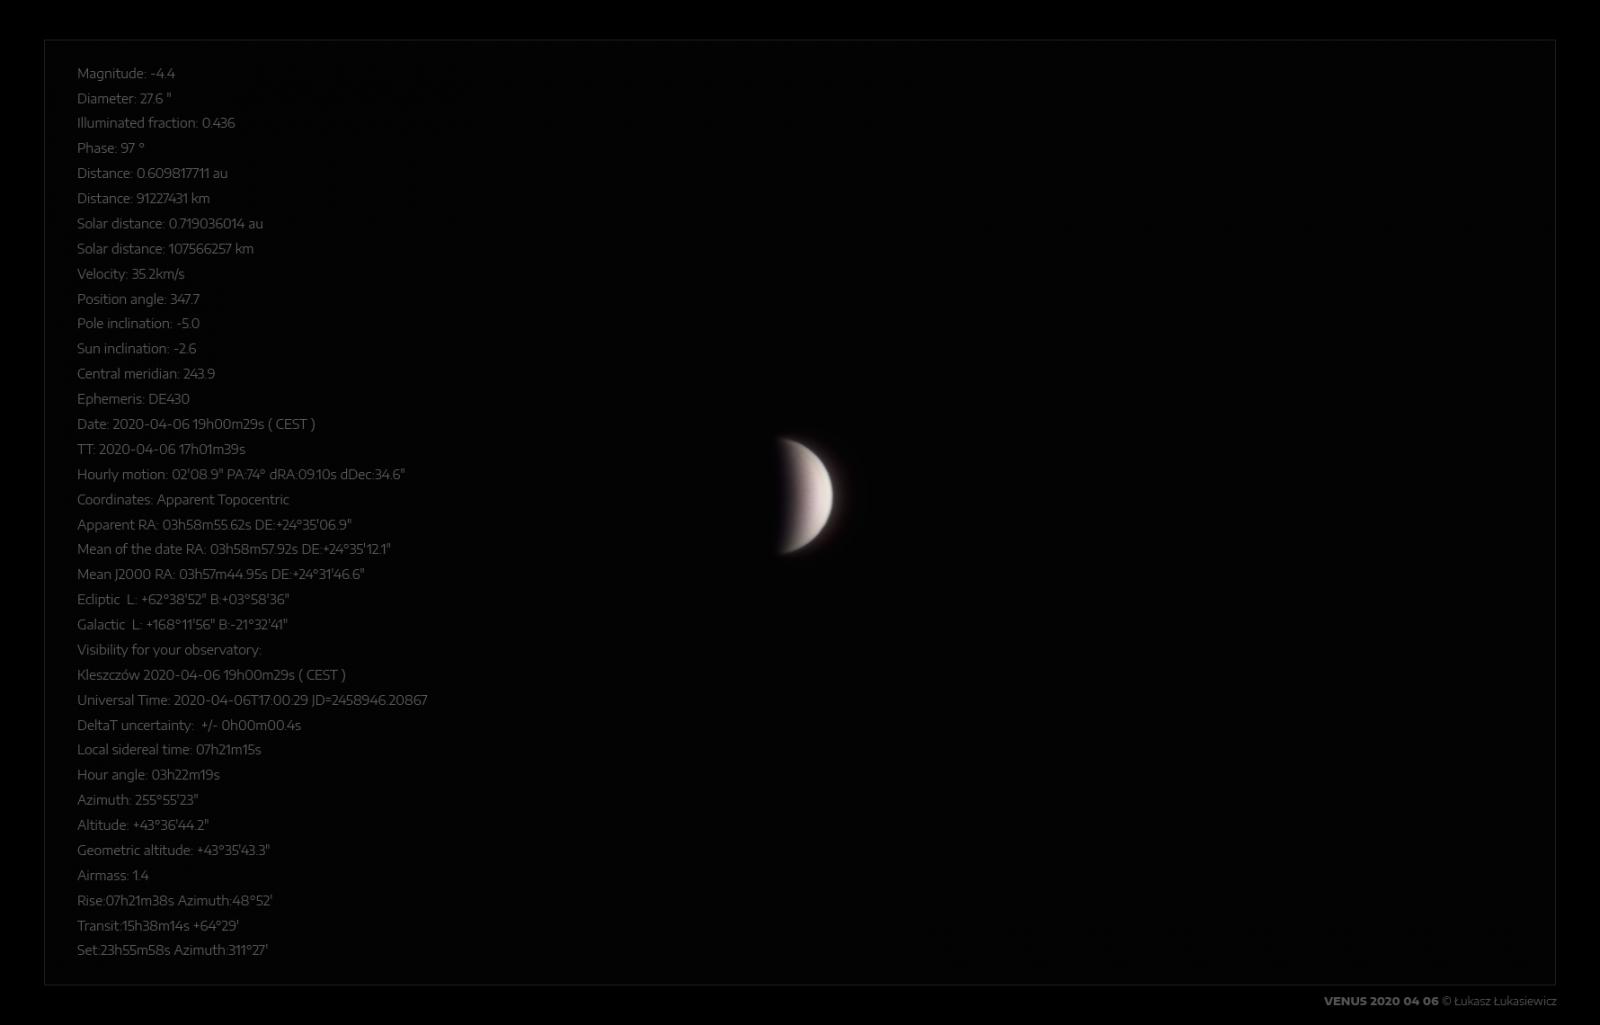 VENUS-2020-04-06d.png